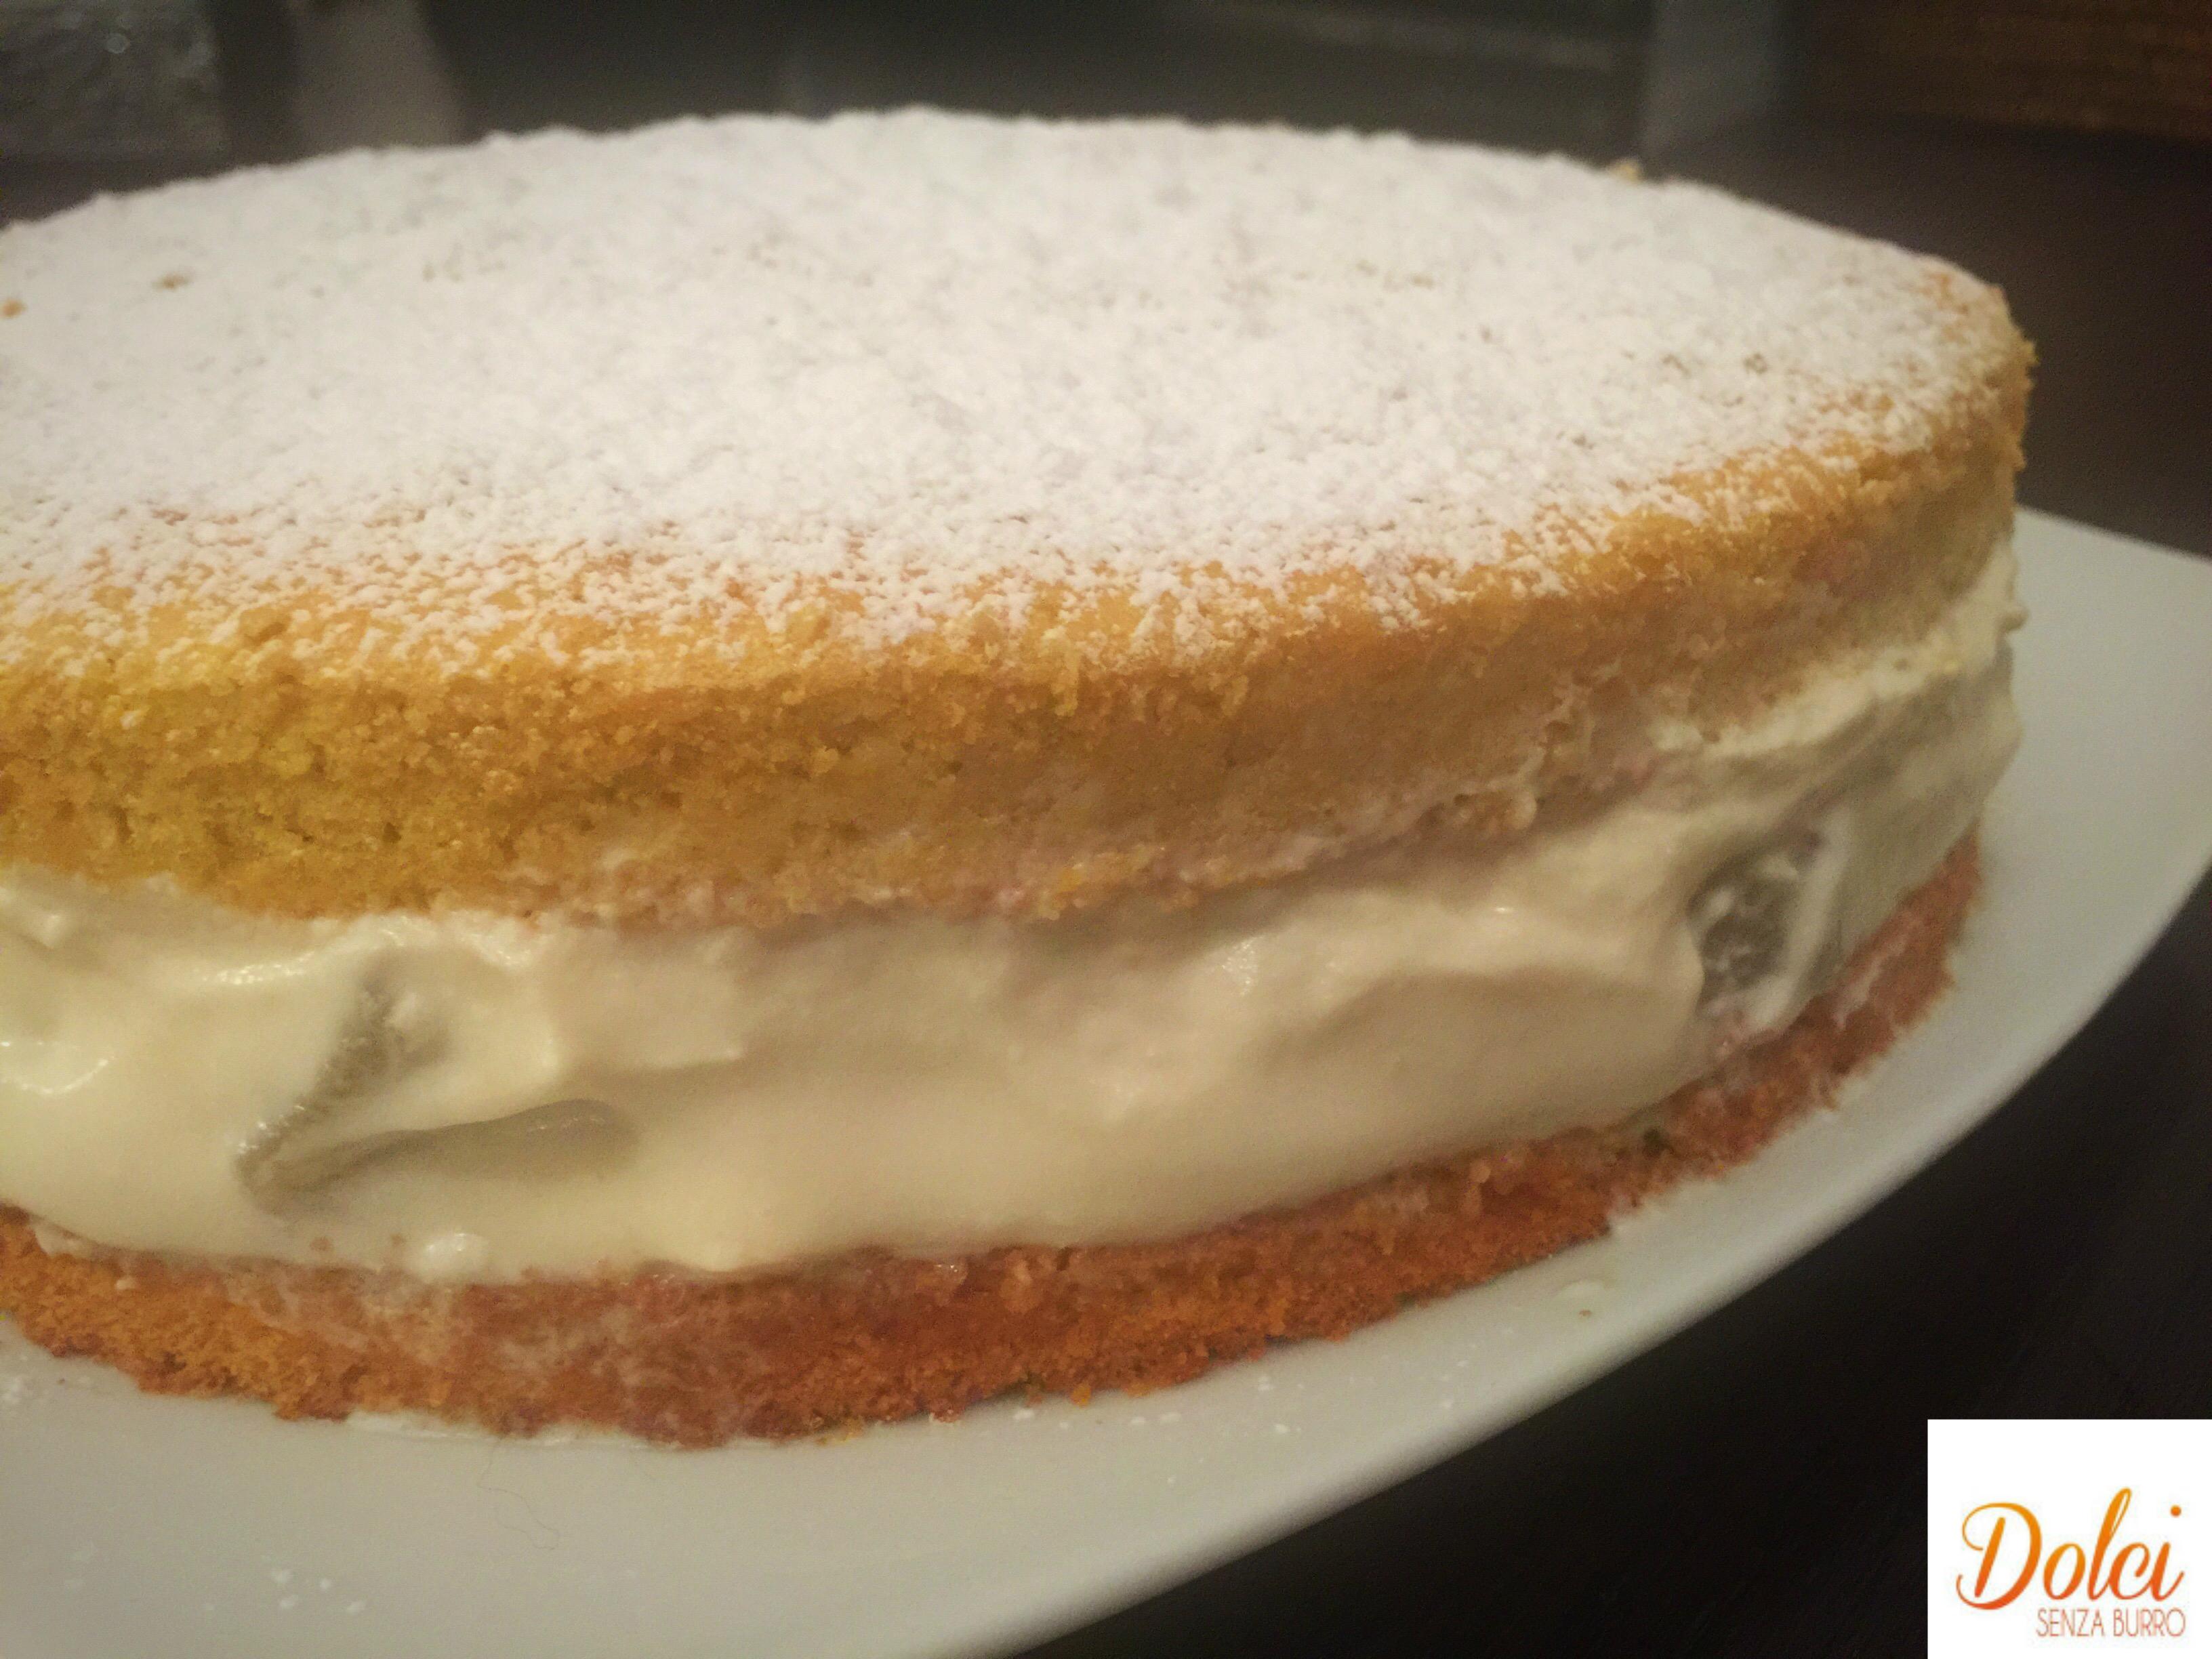 Torta Ricotta e Pere Senza Burro, un dolce fresco delicato e goloso di dolci senza burro